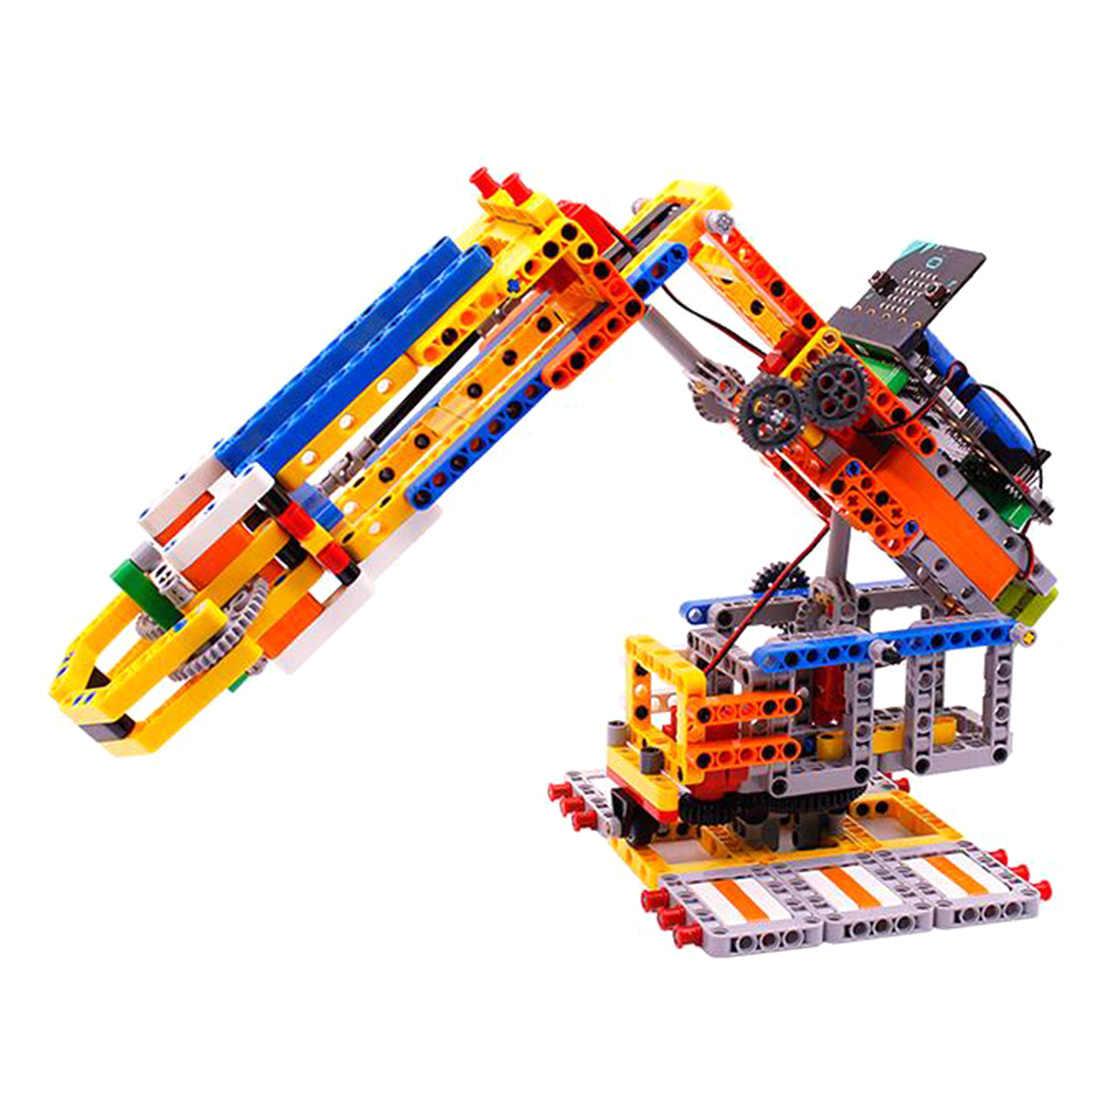 Горячая продажа микро: бит программируемый строительный блок DIY умный Роботизированная рука комплект обучения программируемый танцующий робот электронная игрушка